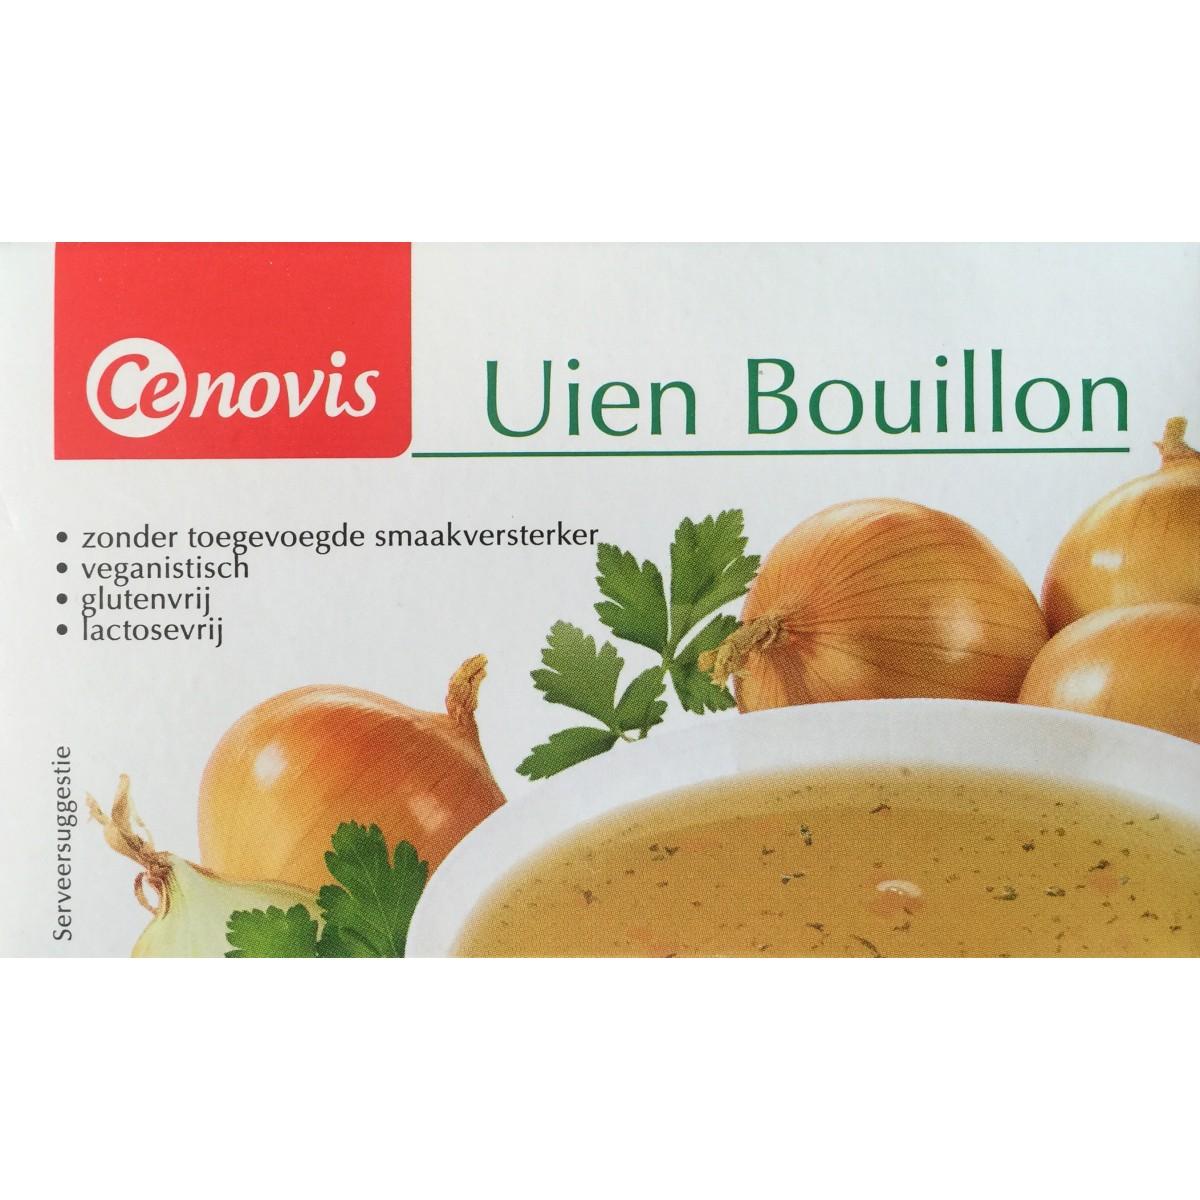 Uien Bouillon (T.H.T. 16-03-18)